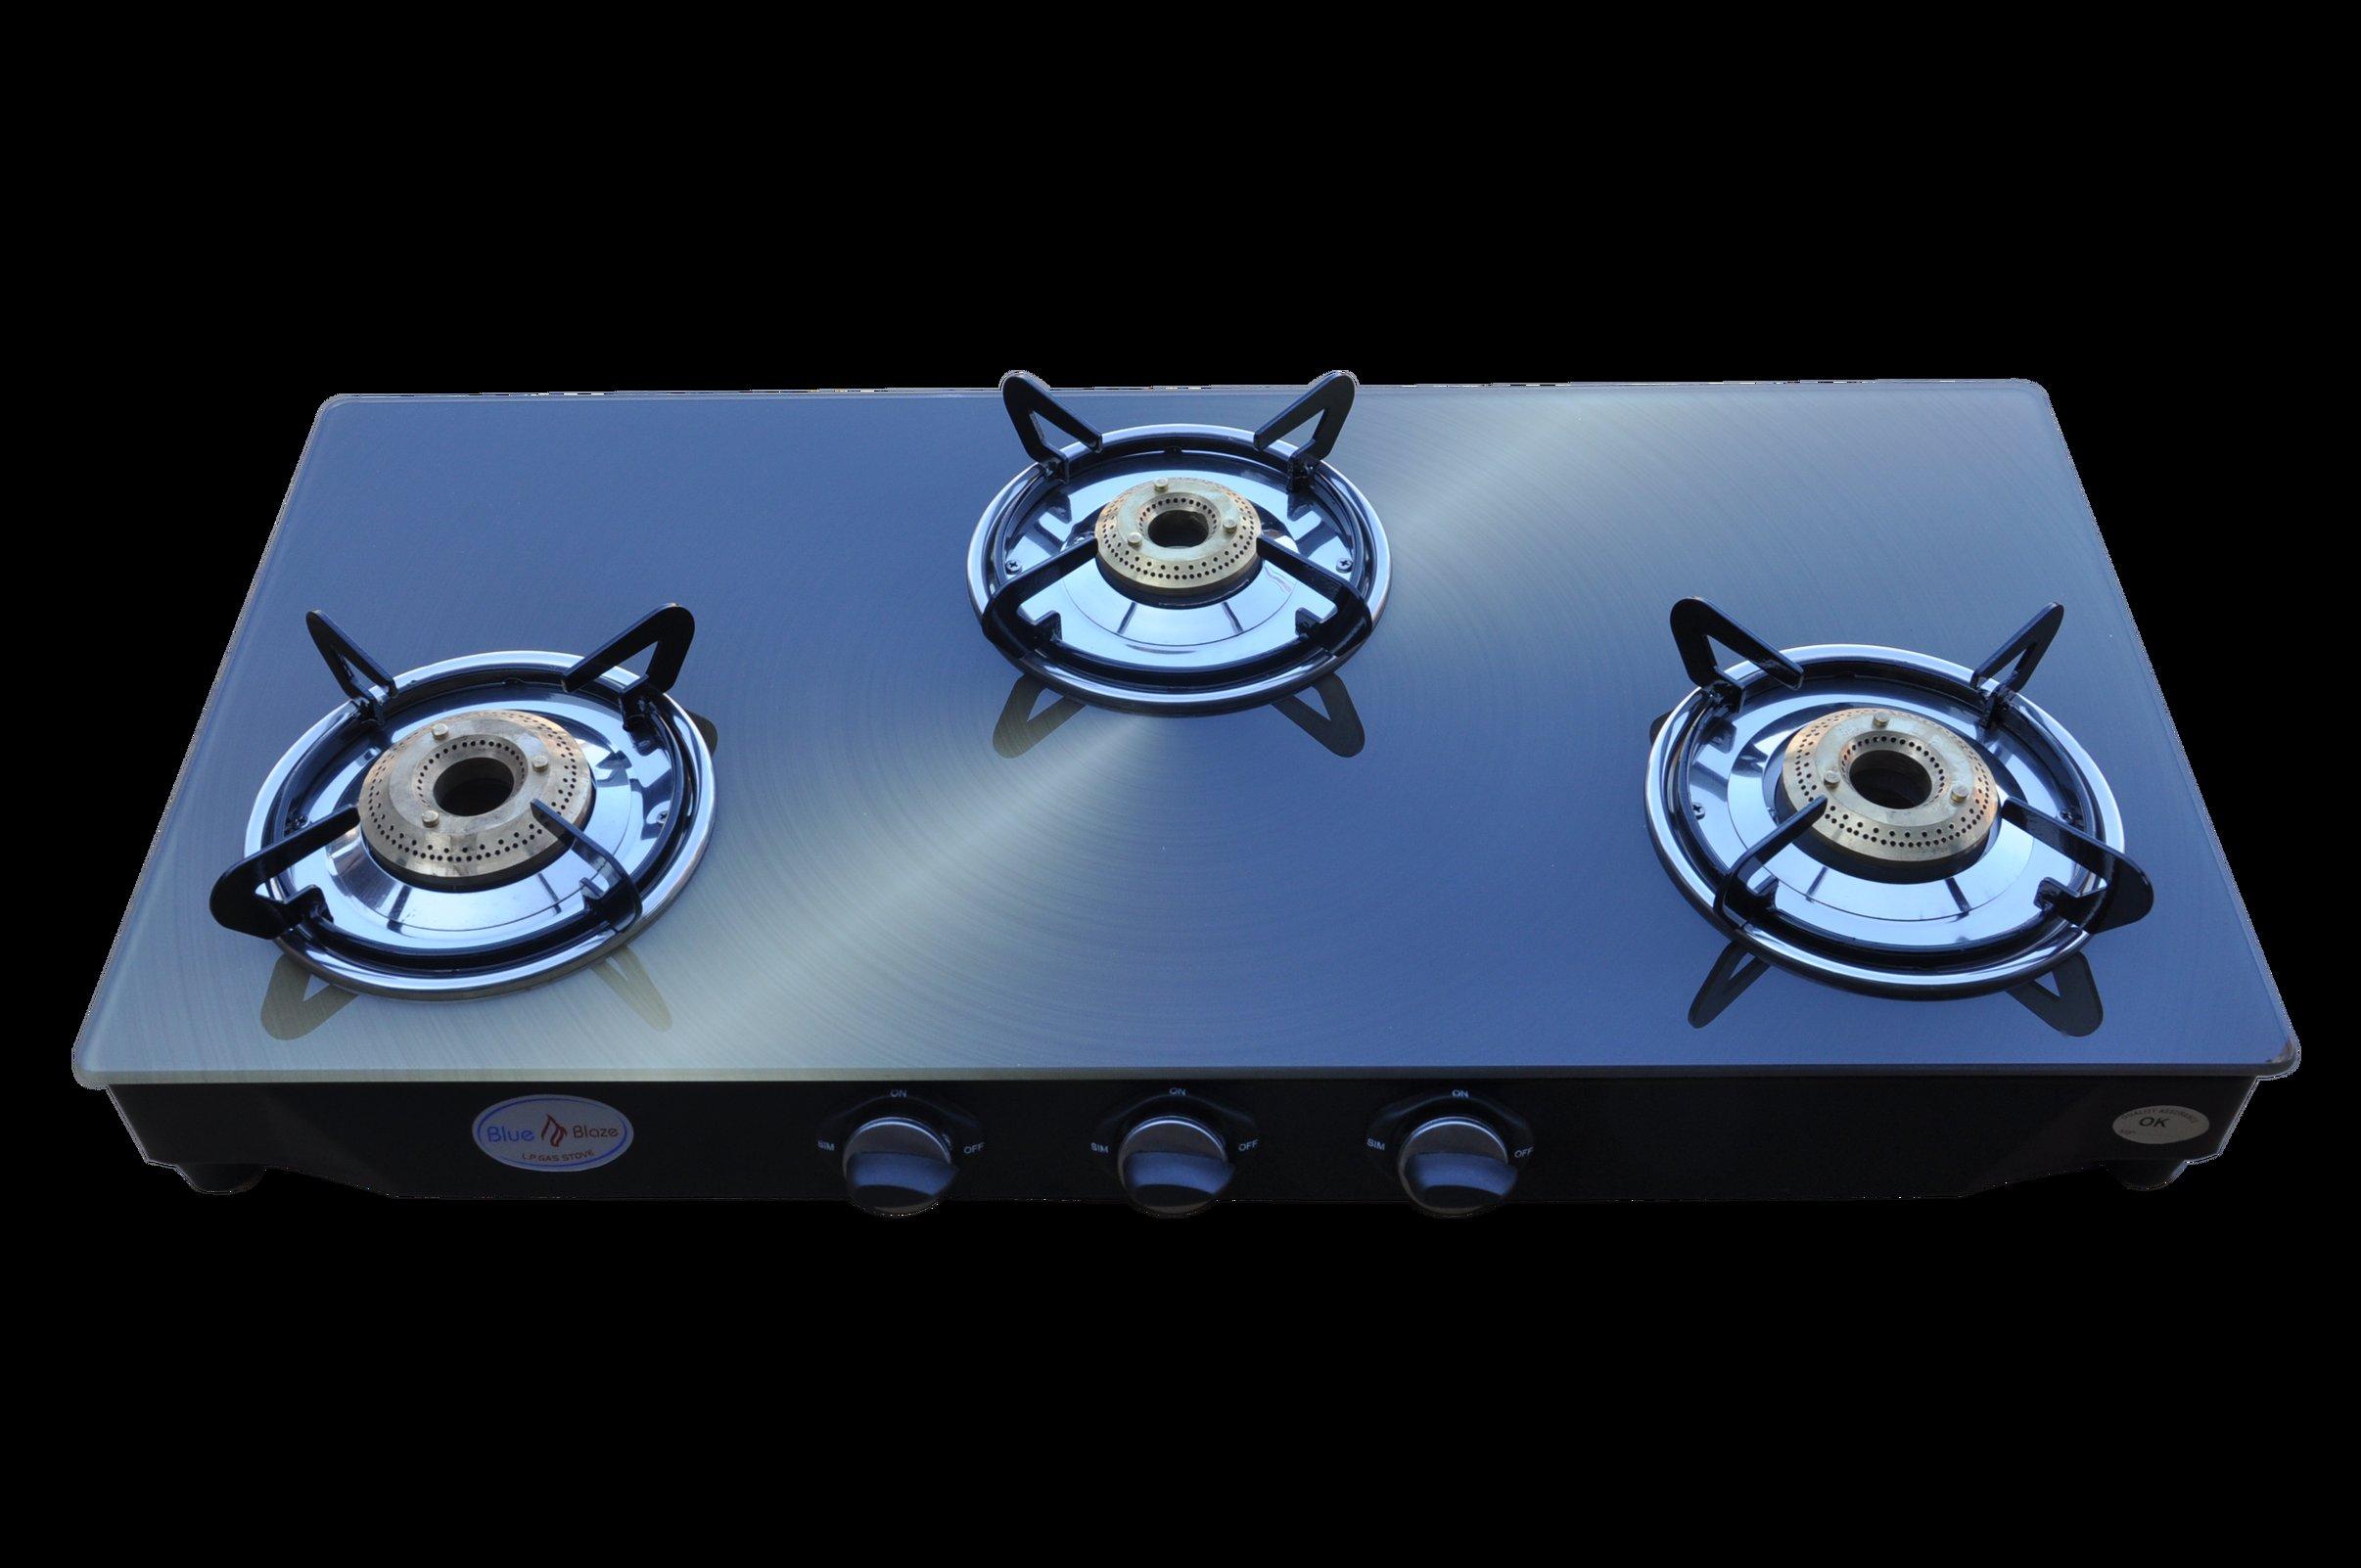 Burner Glass Top Gas Stove Metallic Copper Design Auto Ignition